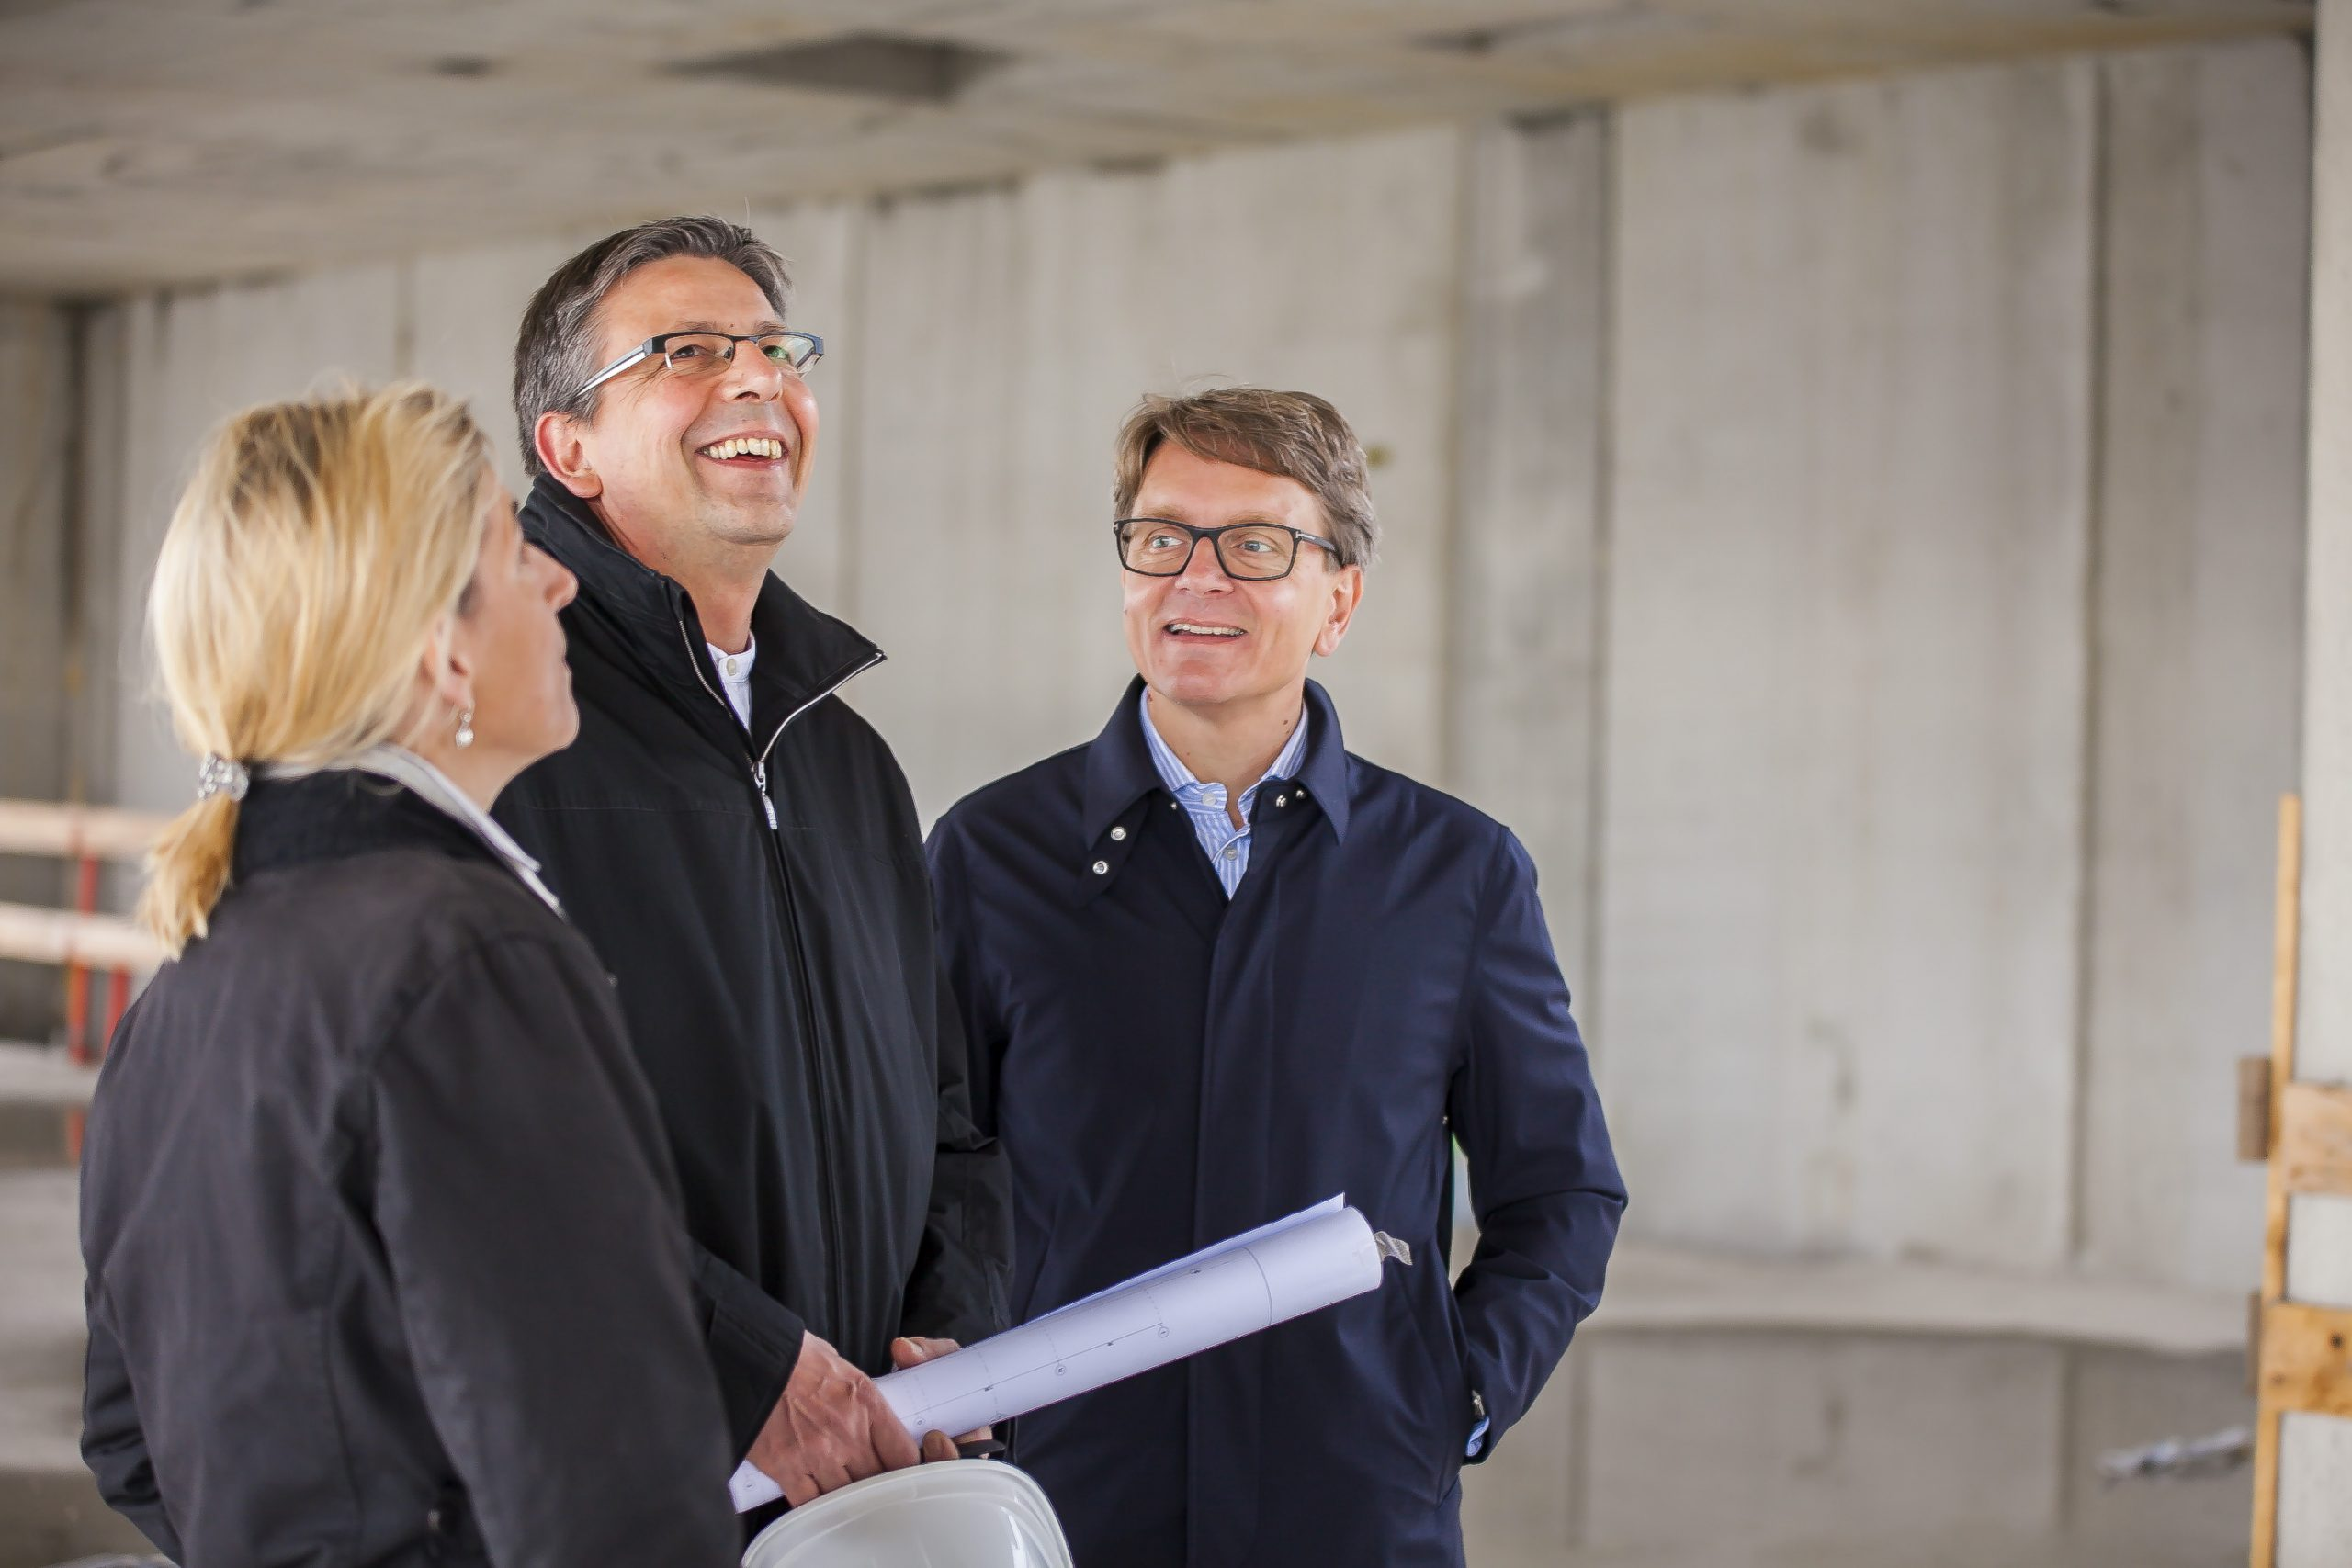 Mag. Isabella Keusch, MAS mit DI Bernhard Hamann (Architekt) und Ing. Gernot Keusch auf der Baustelle